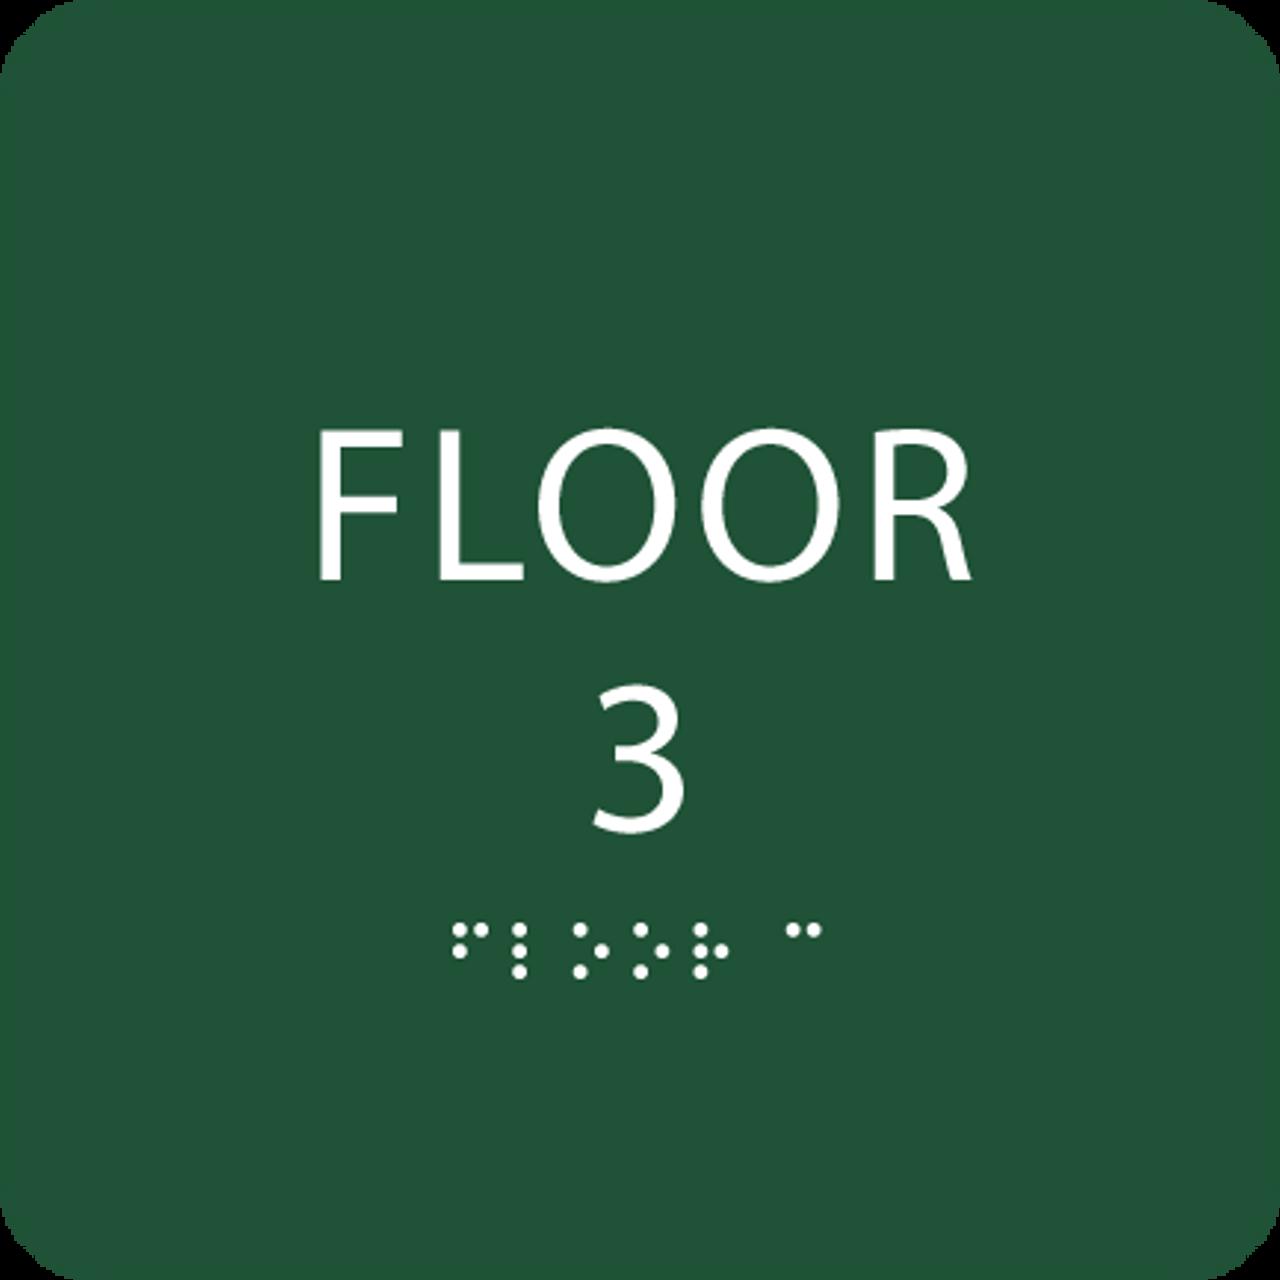 Green Floor 3 Number Sign